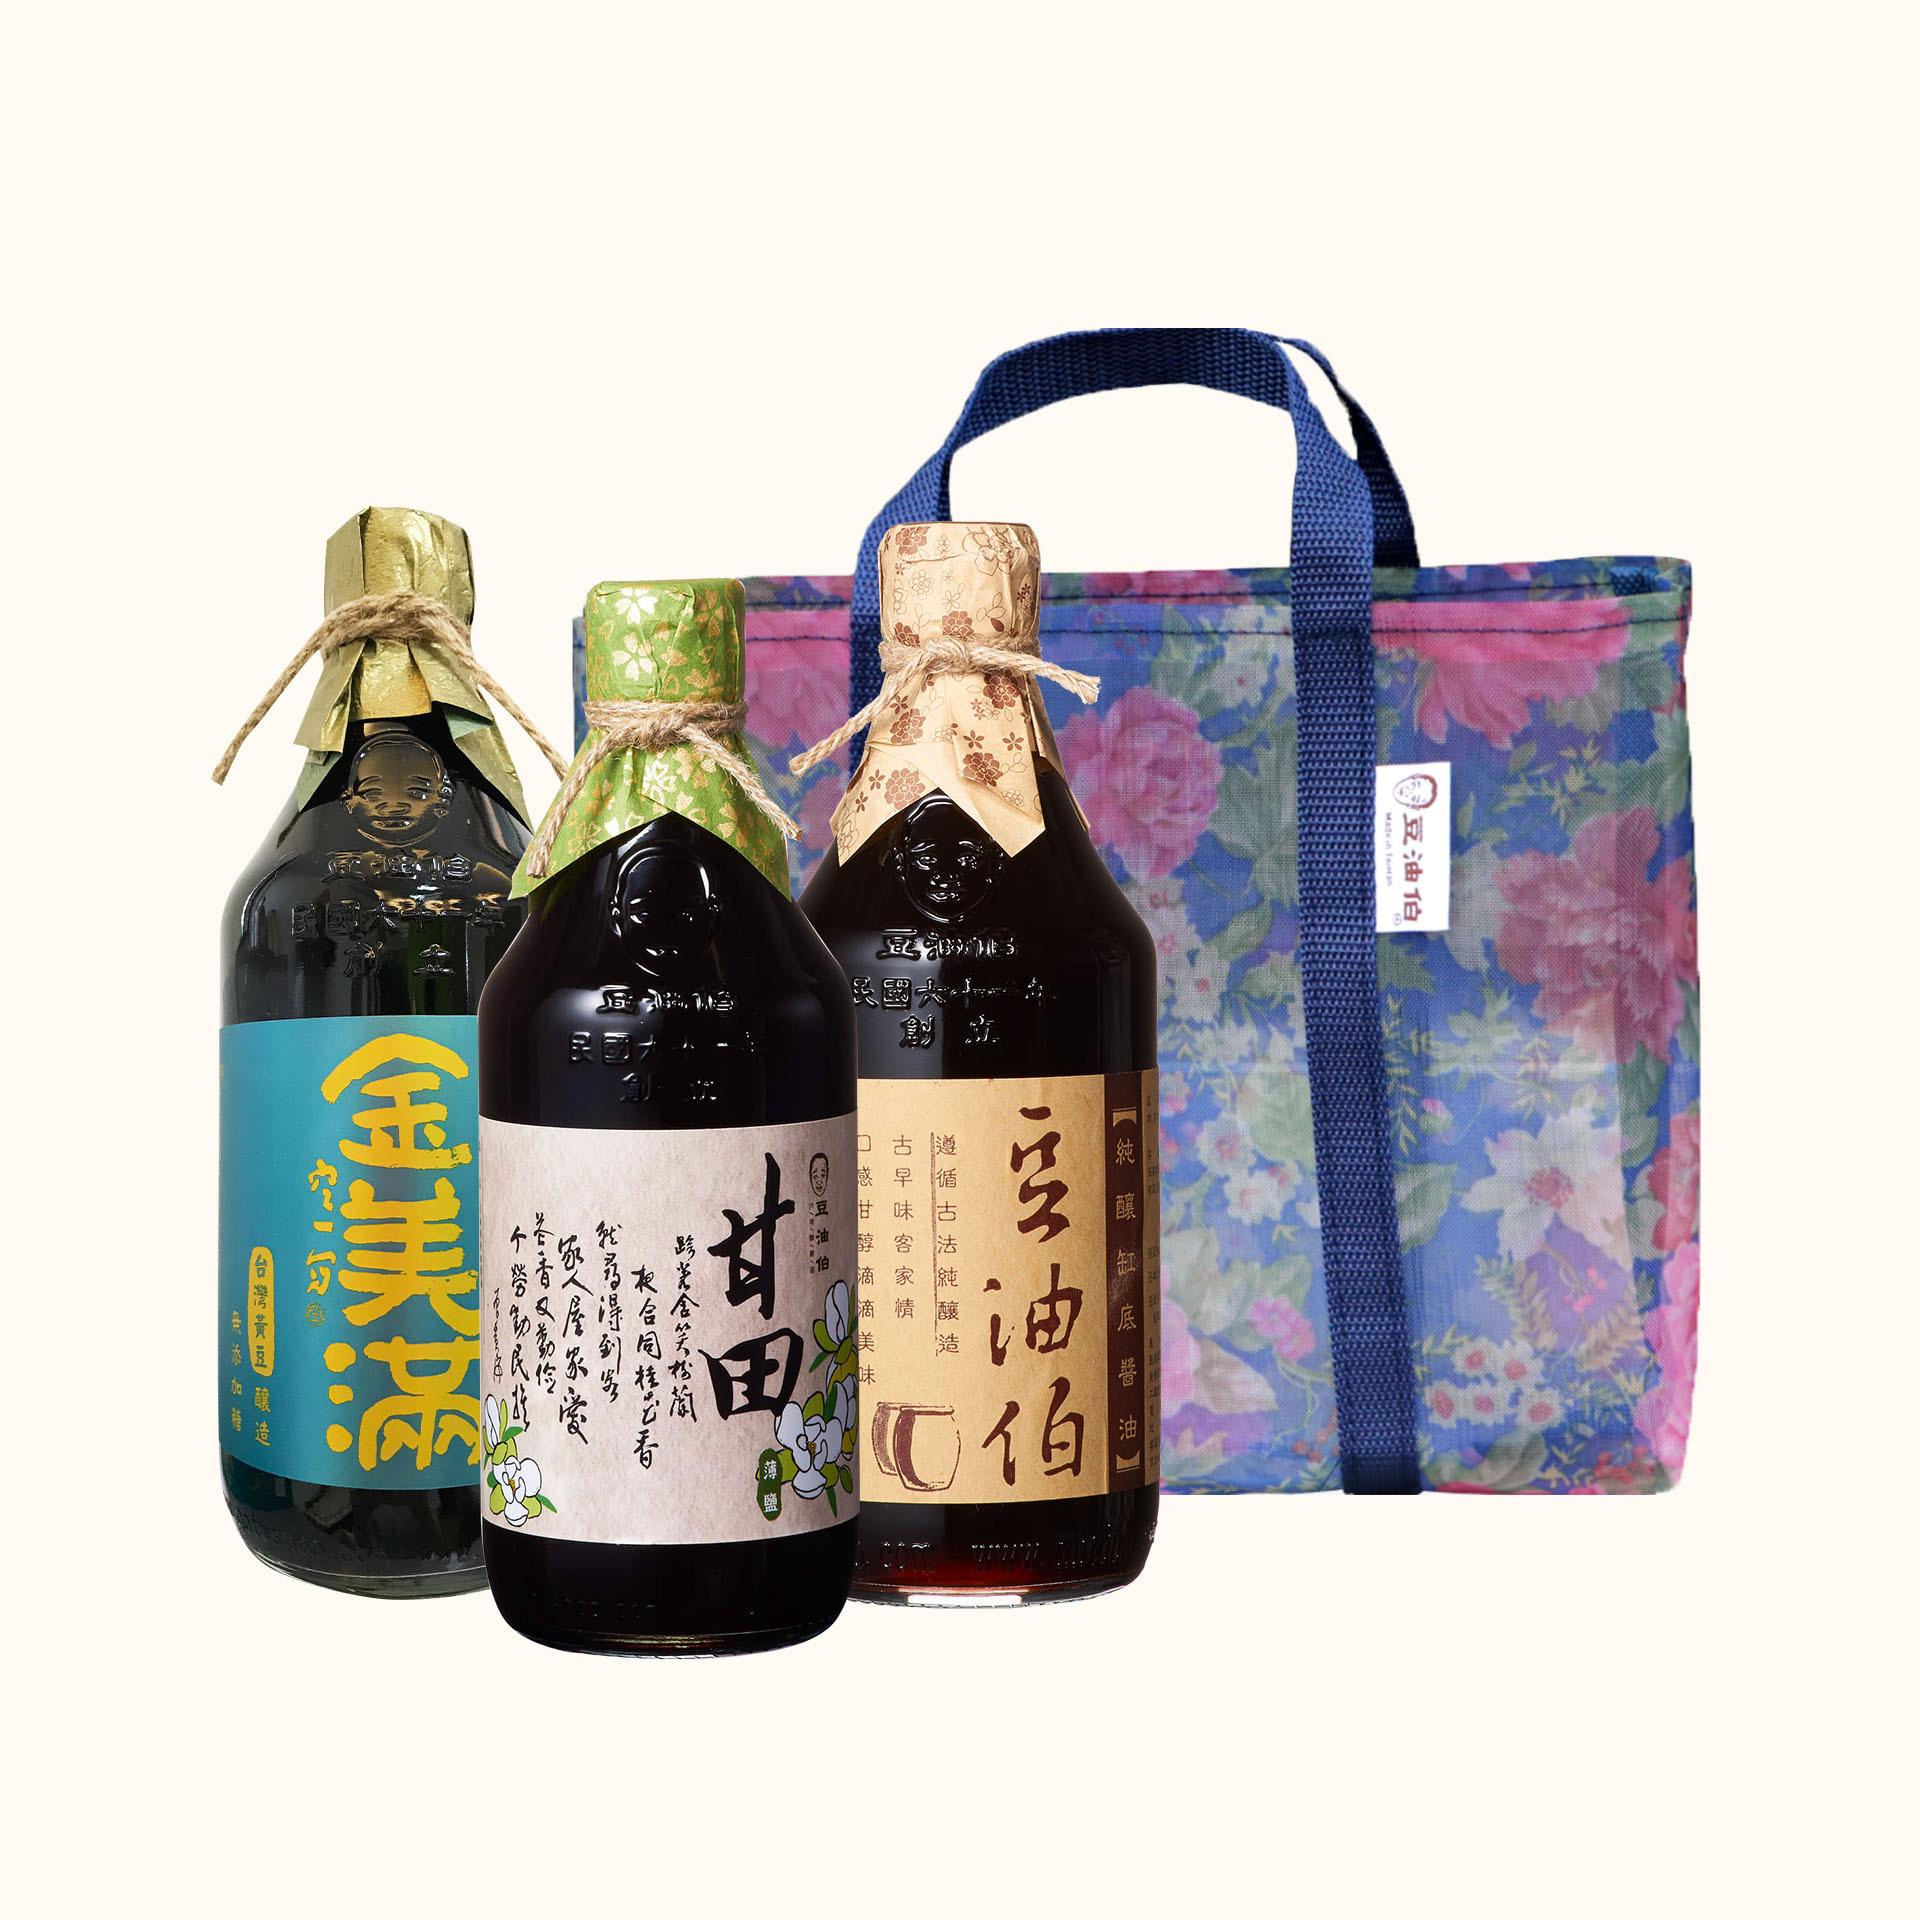 【點我加購88up】缸底醬油1入+甘田醬油1入+金美滿醬油1入(共3入)送復古花袋1個(不挑色)